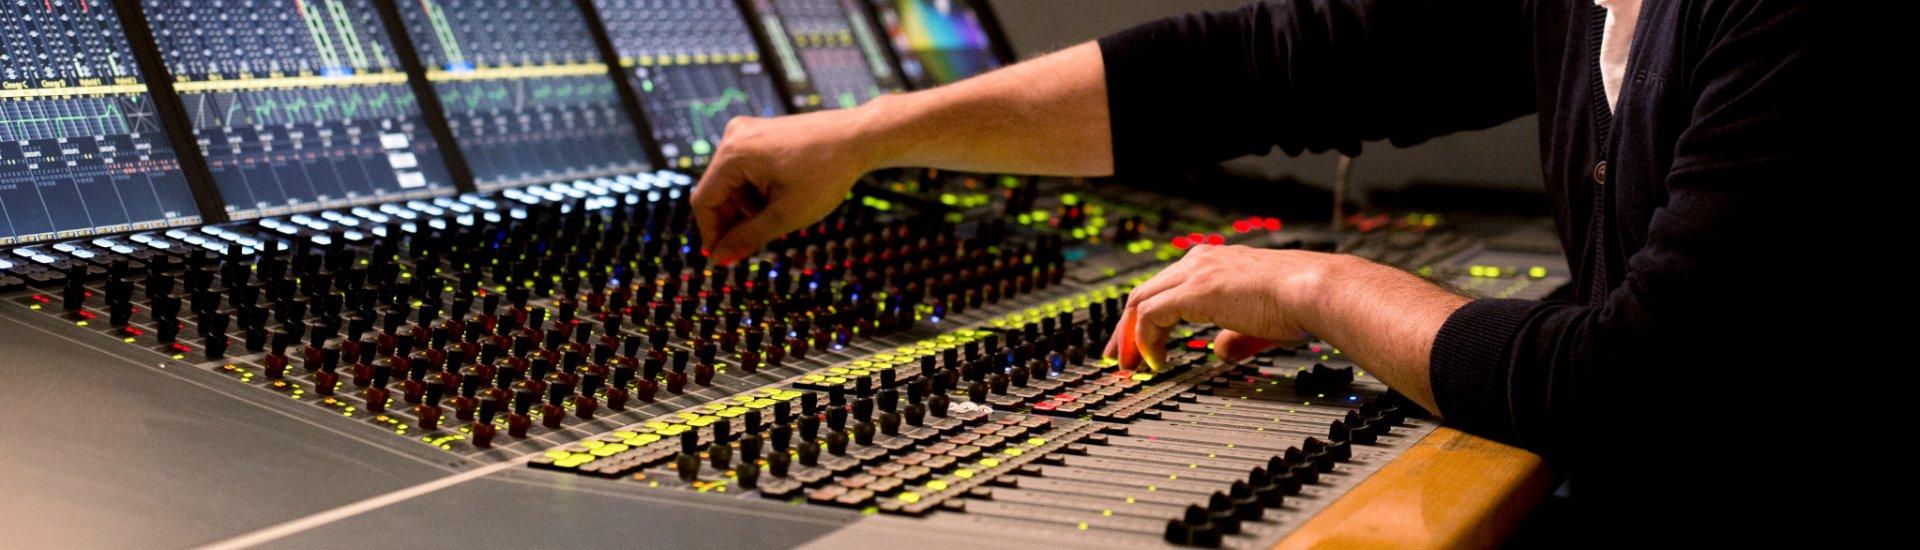 170413-hse-audio-9484-1920x700